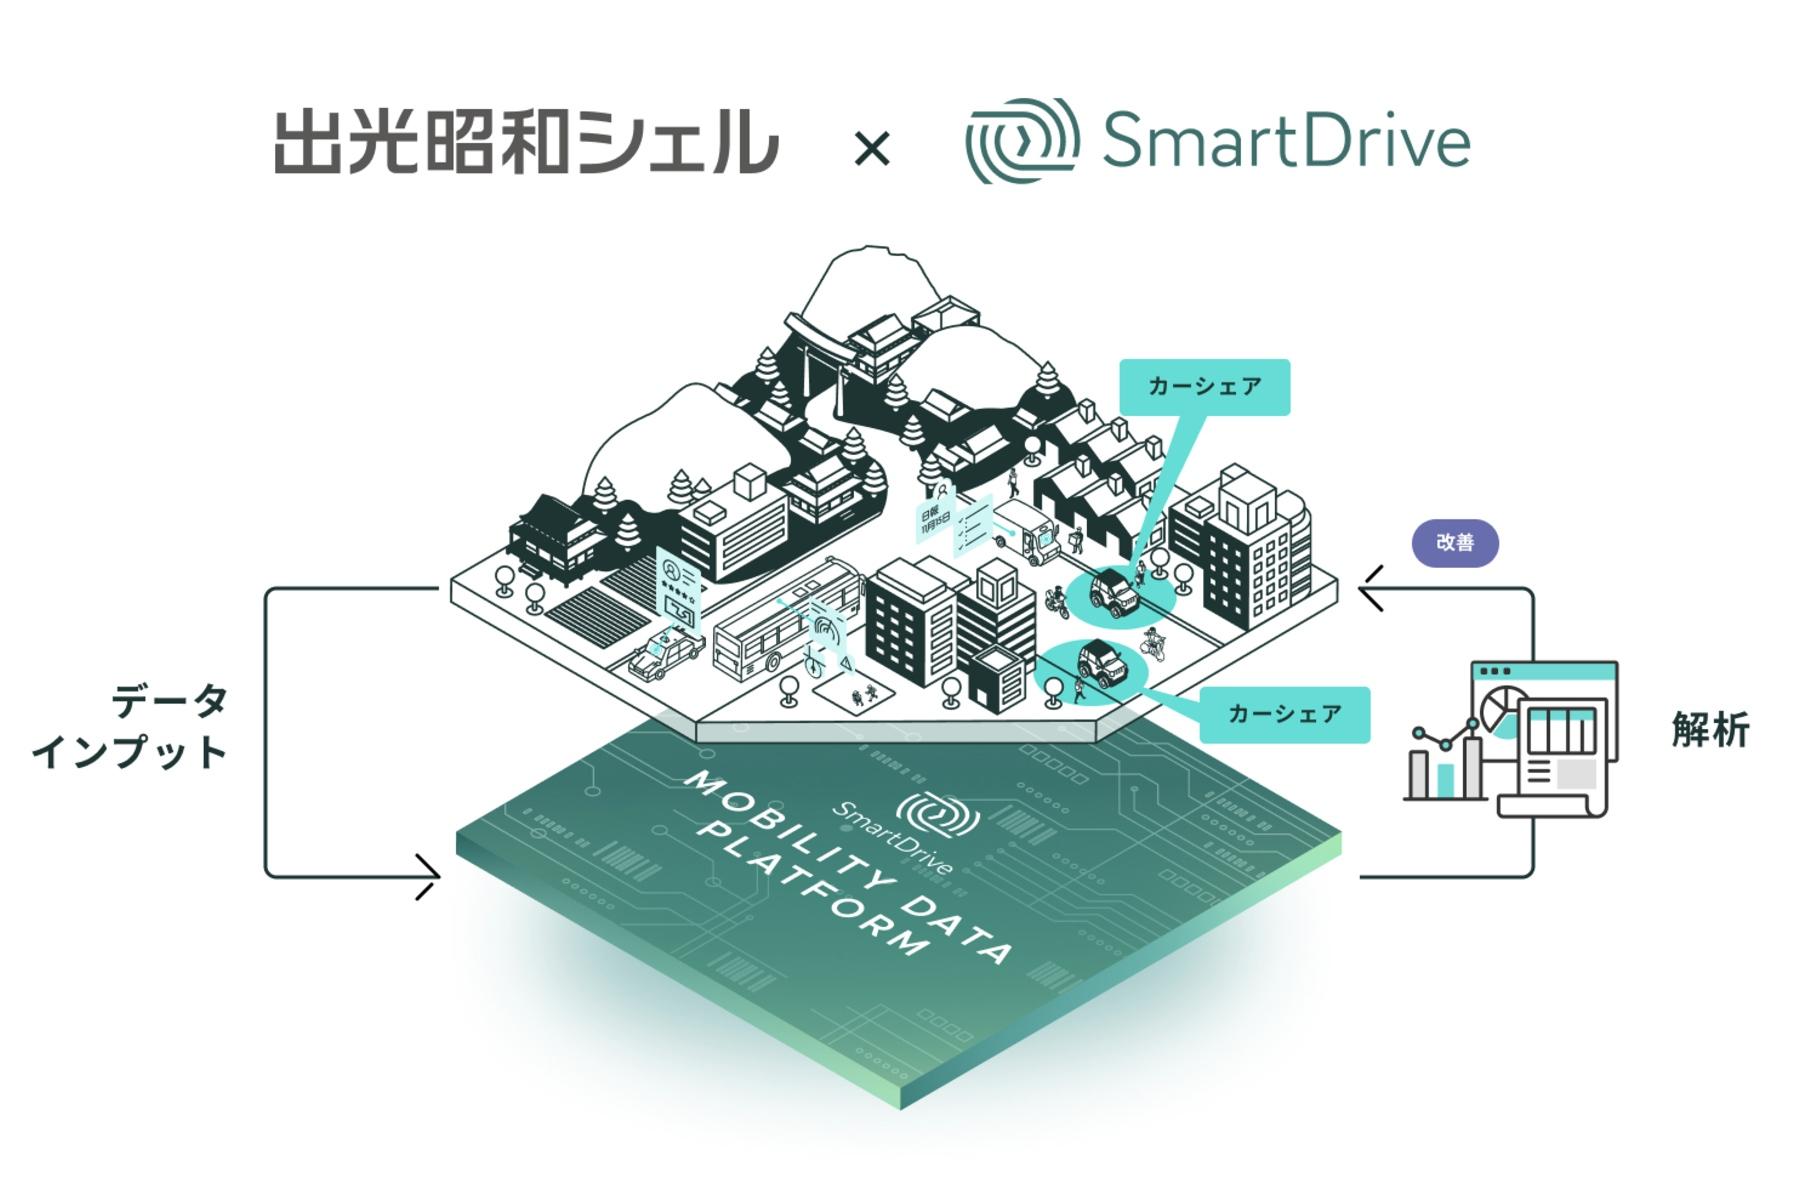 出光興産×スマートドライブ | 超小型EVのカーシェアリングの実用化に向けた実証実験における連携を開始